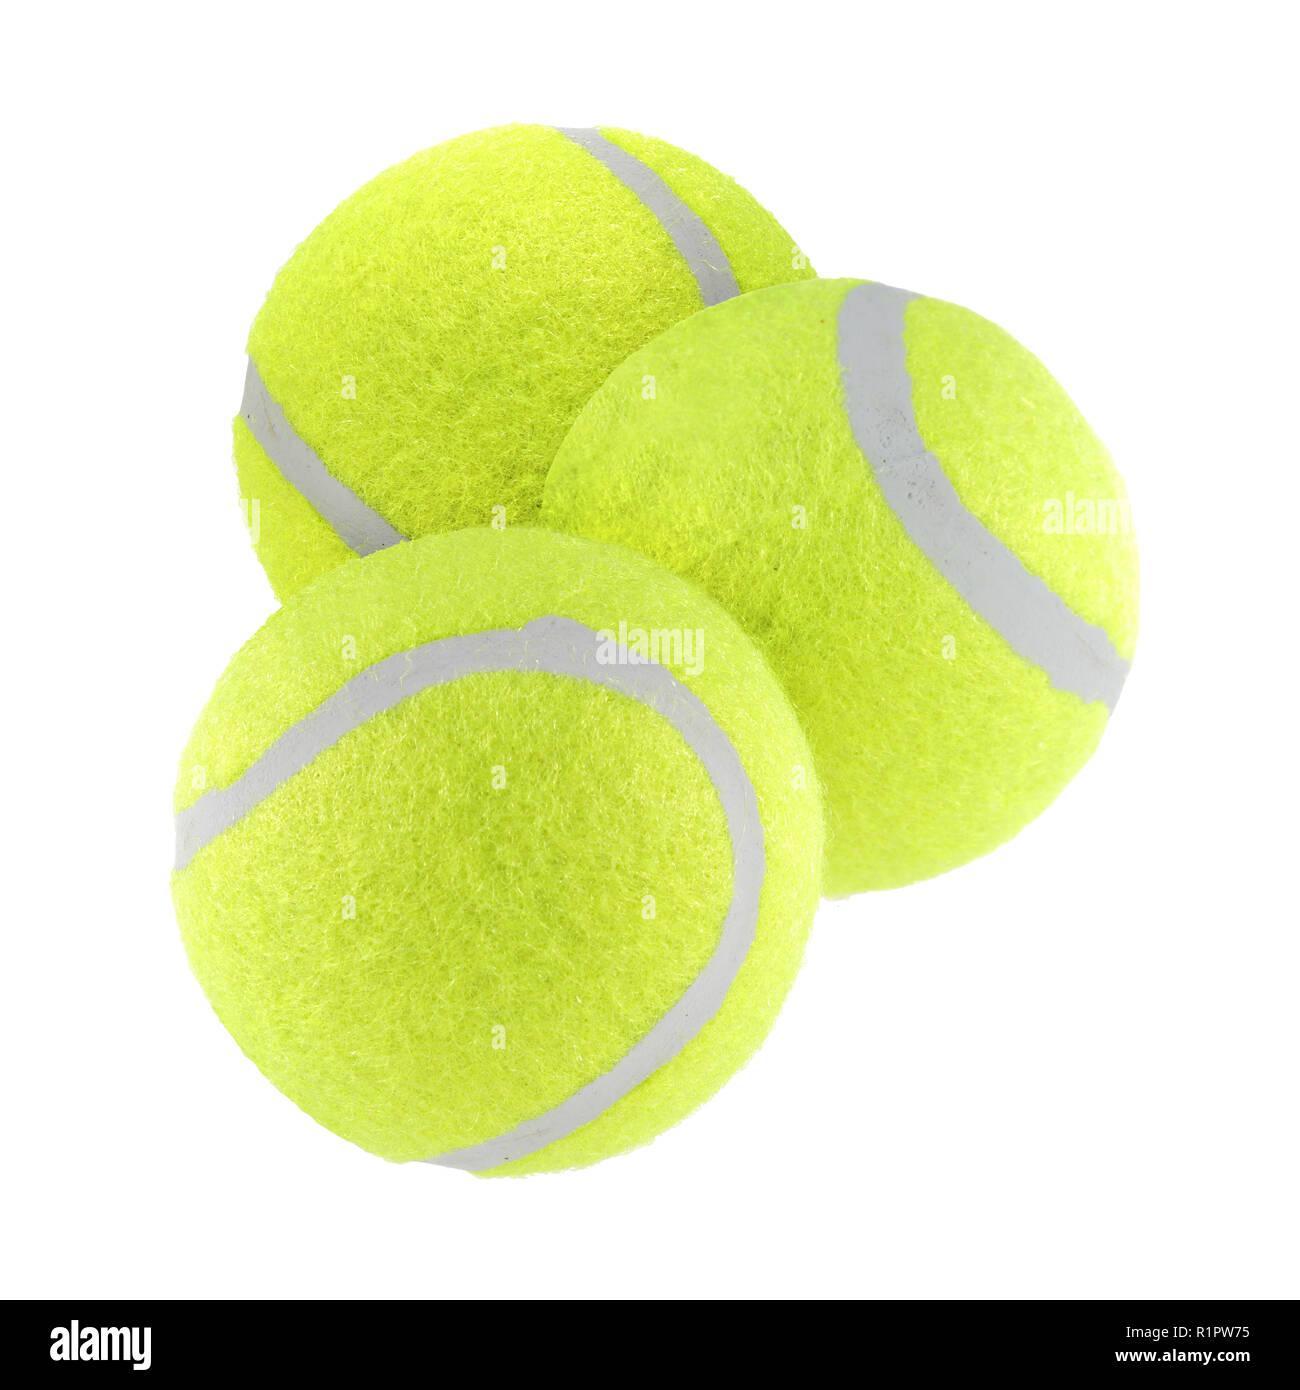 Tres pelotas de tenis aislado sobre fondo blanco con trazado de recorte Imagen De Stock